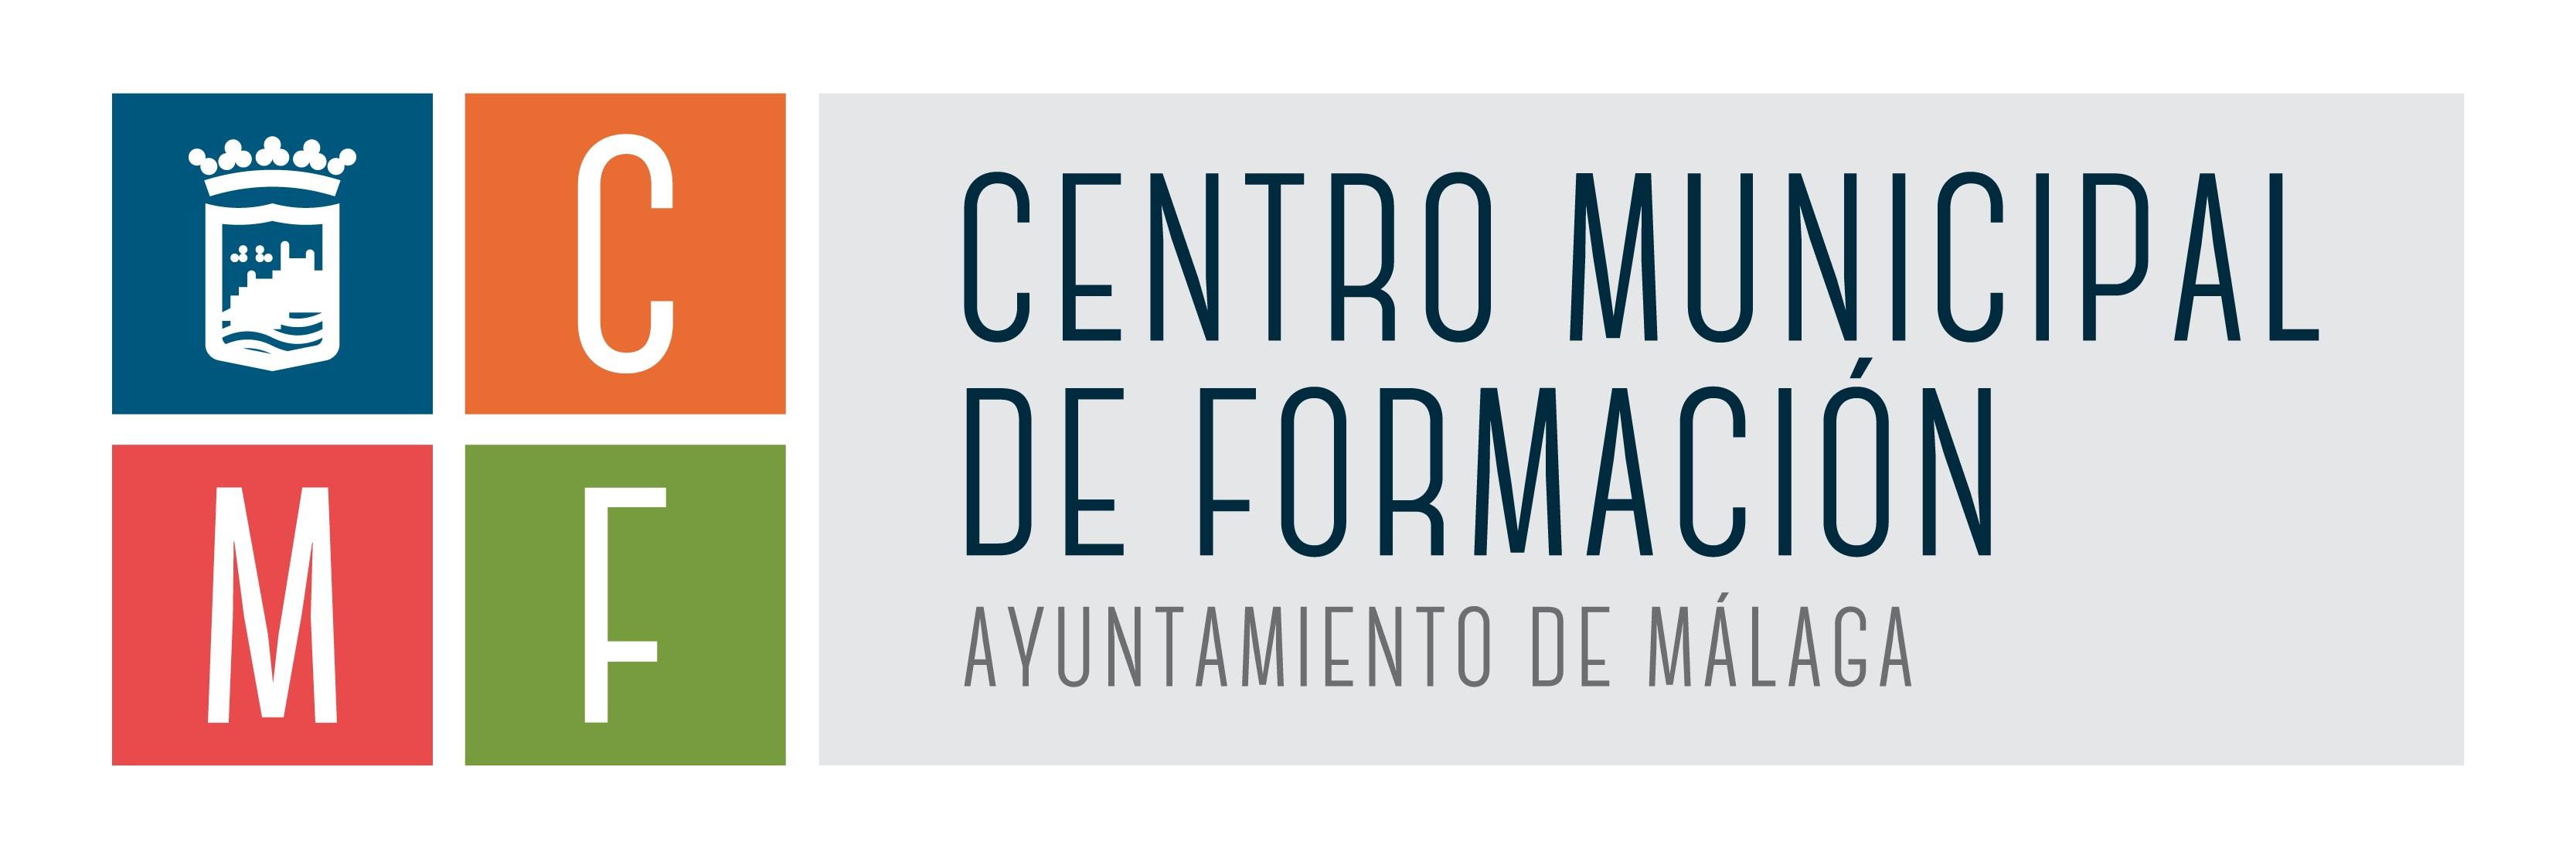 Centro Municipal de Formación del Ayto Málaga